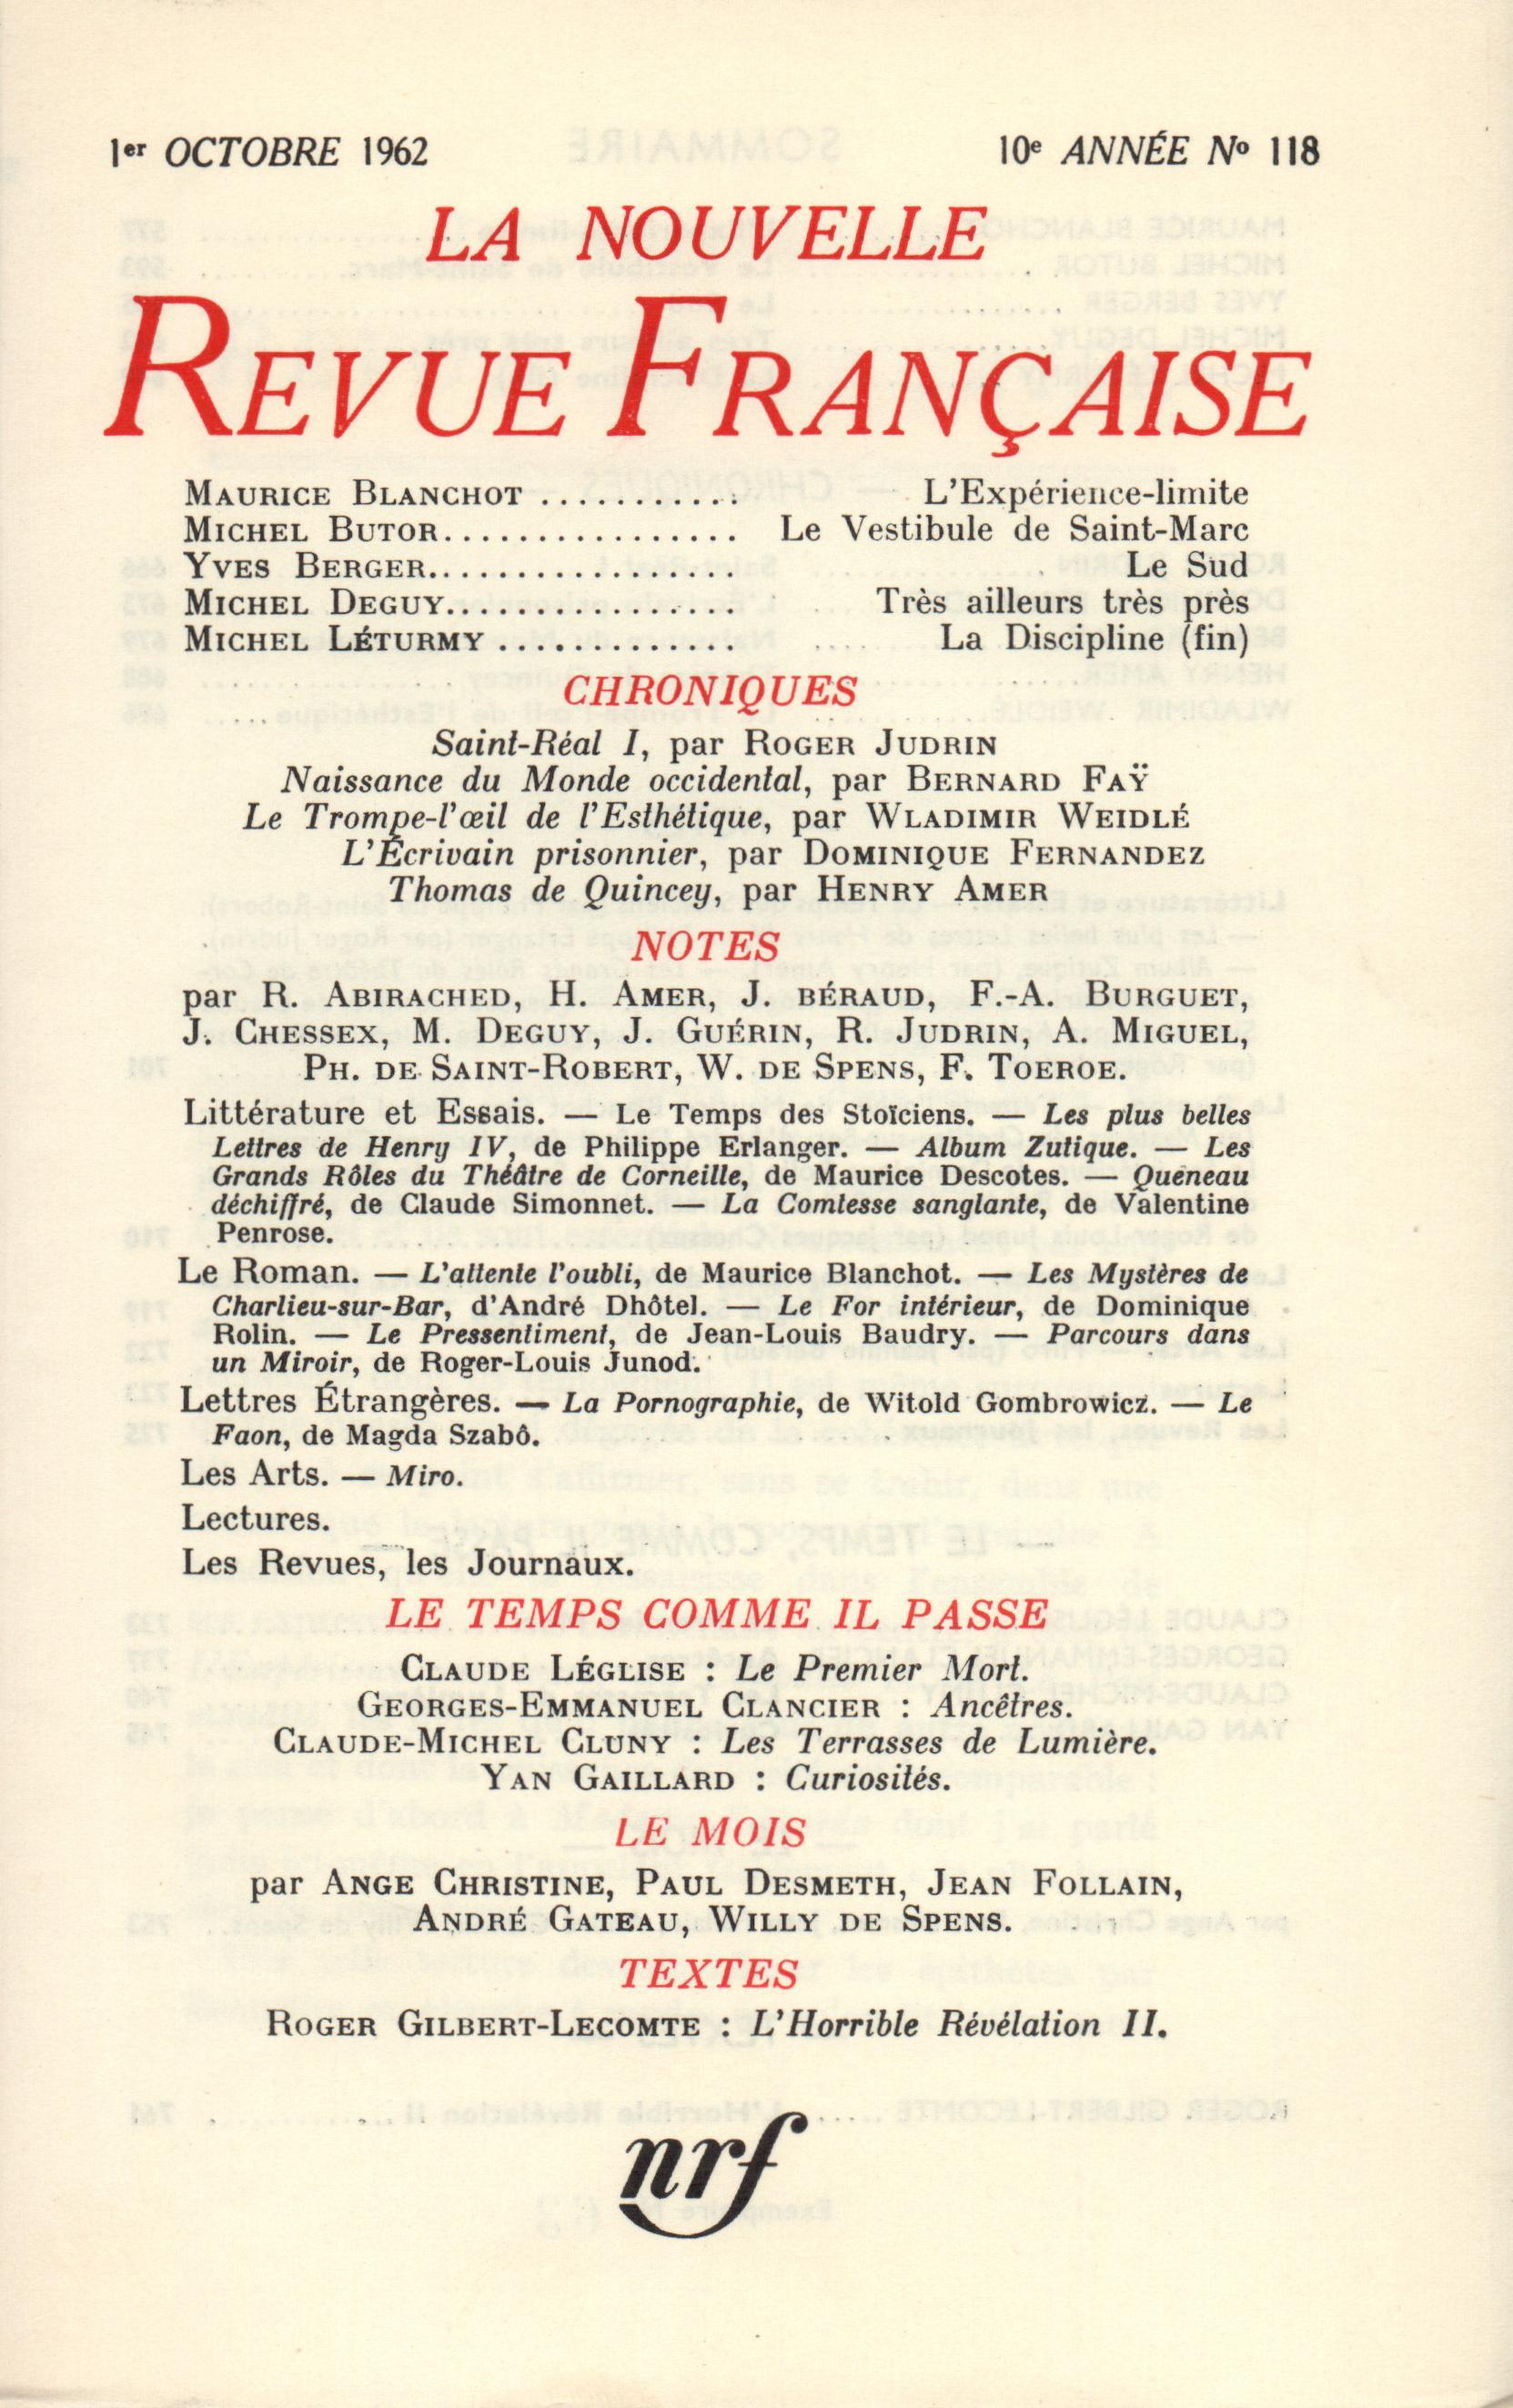 La Nouvelle Revue Française N' 118 (Octobre 1962)